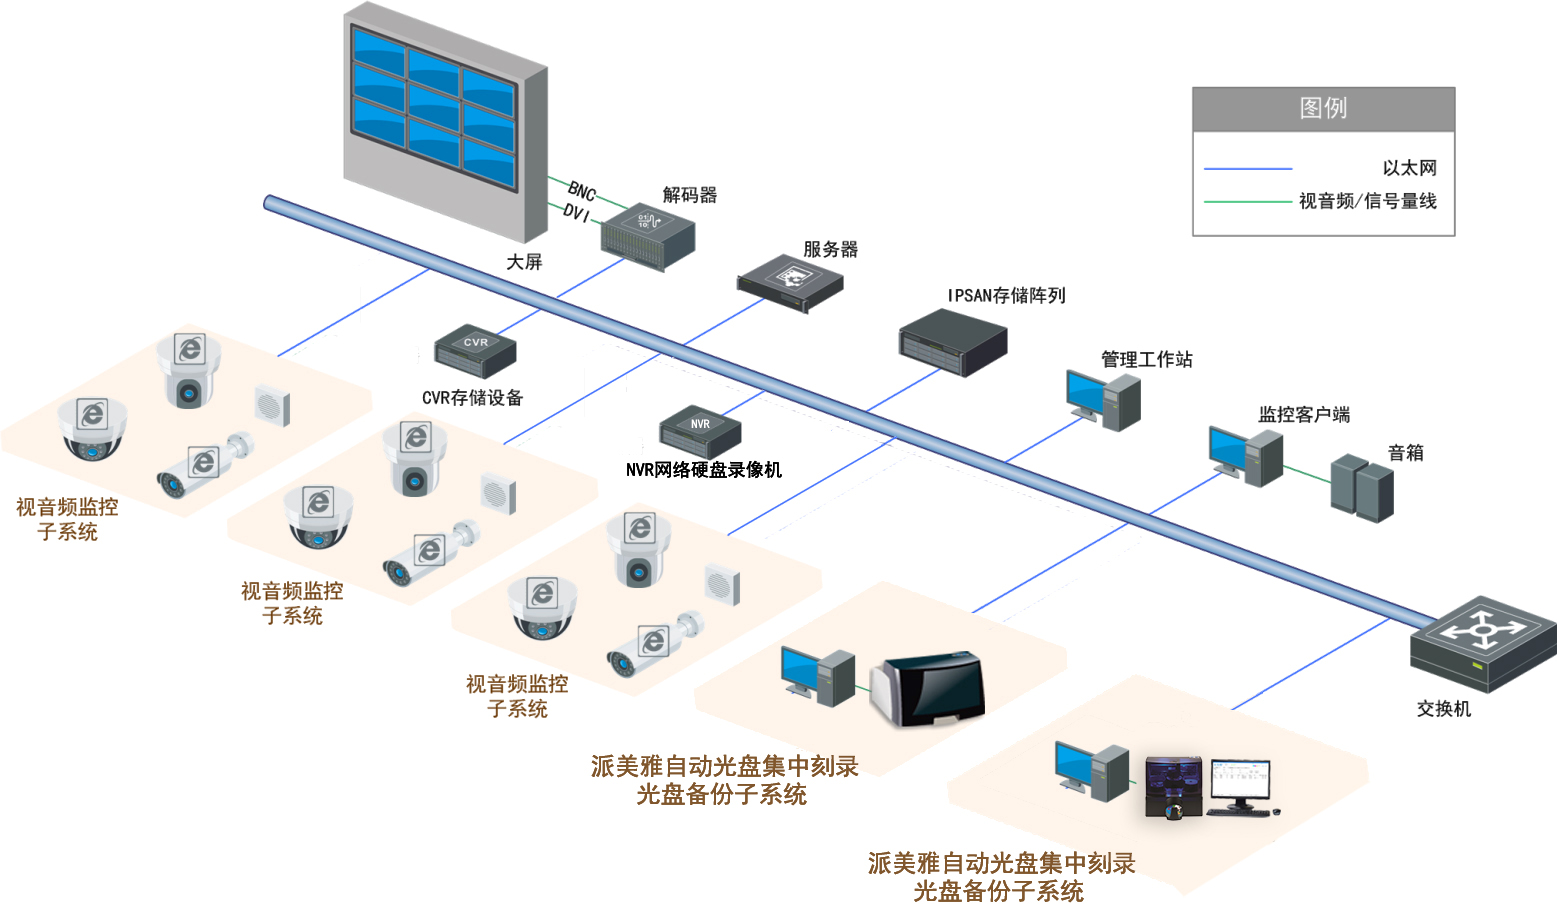 公安行业监控视频实时刻录亚博下载地址备份解决方案拓扑图